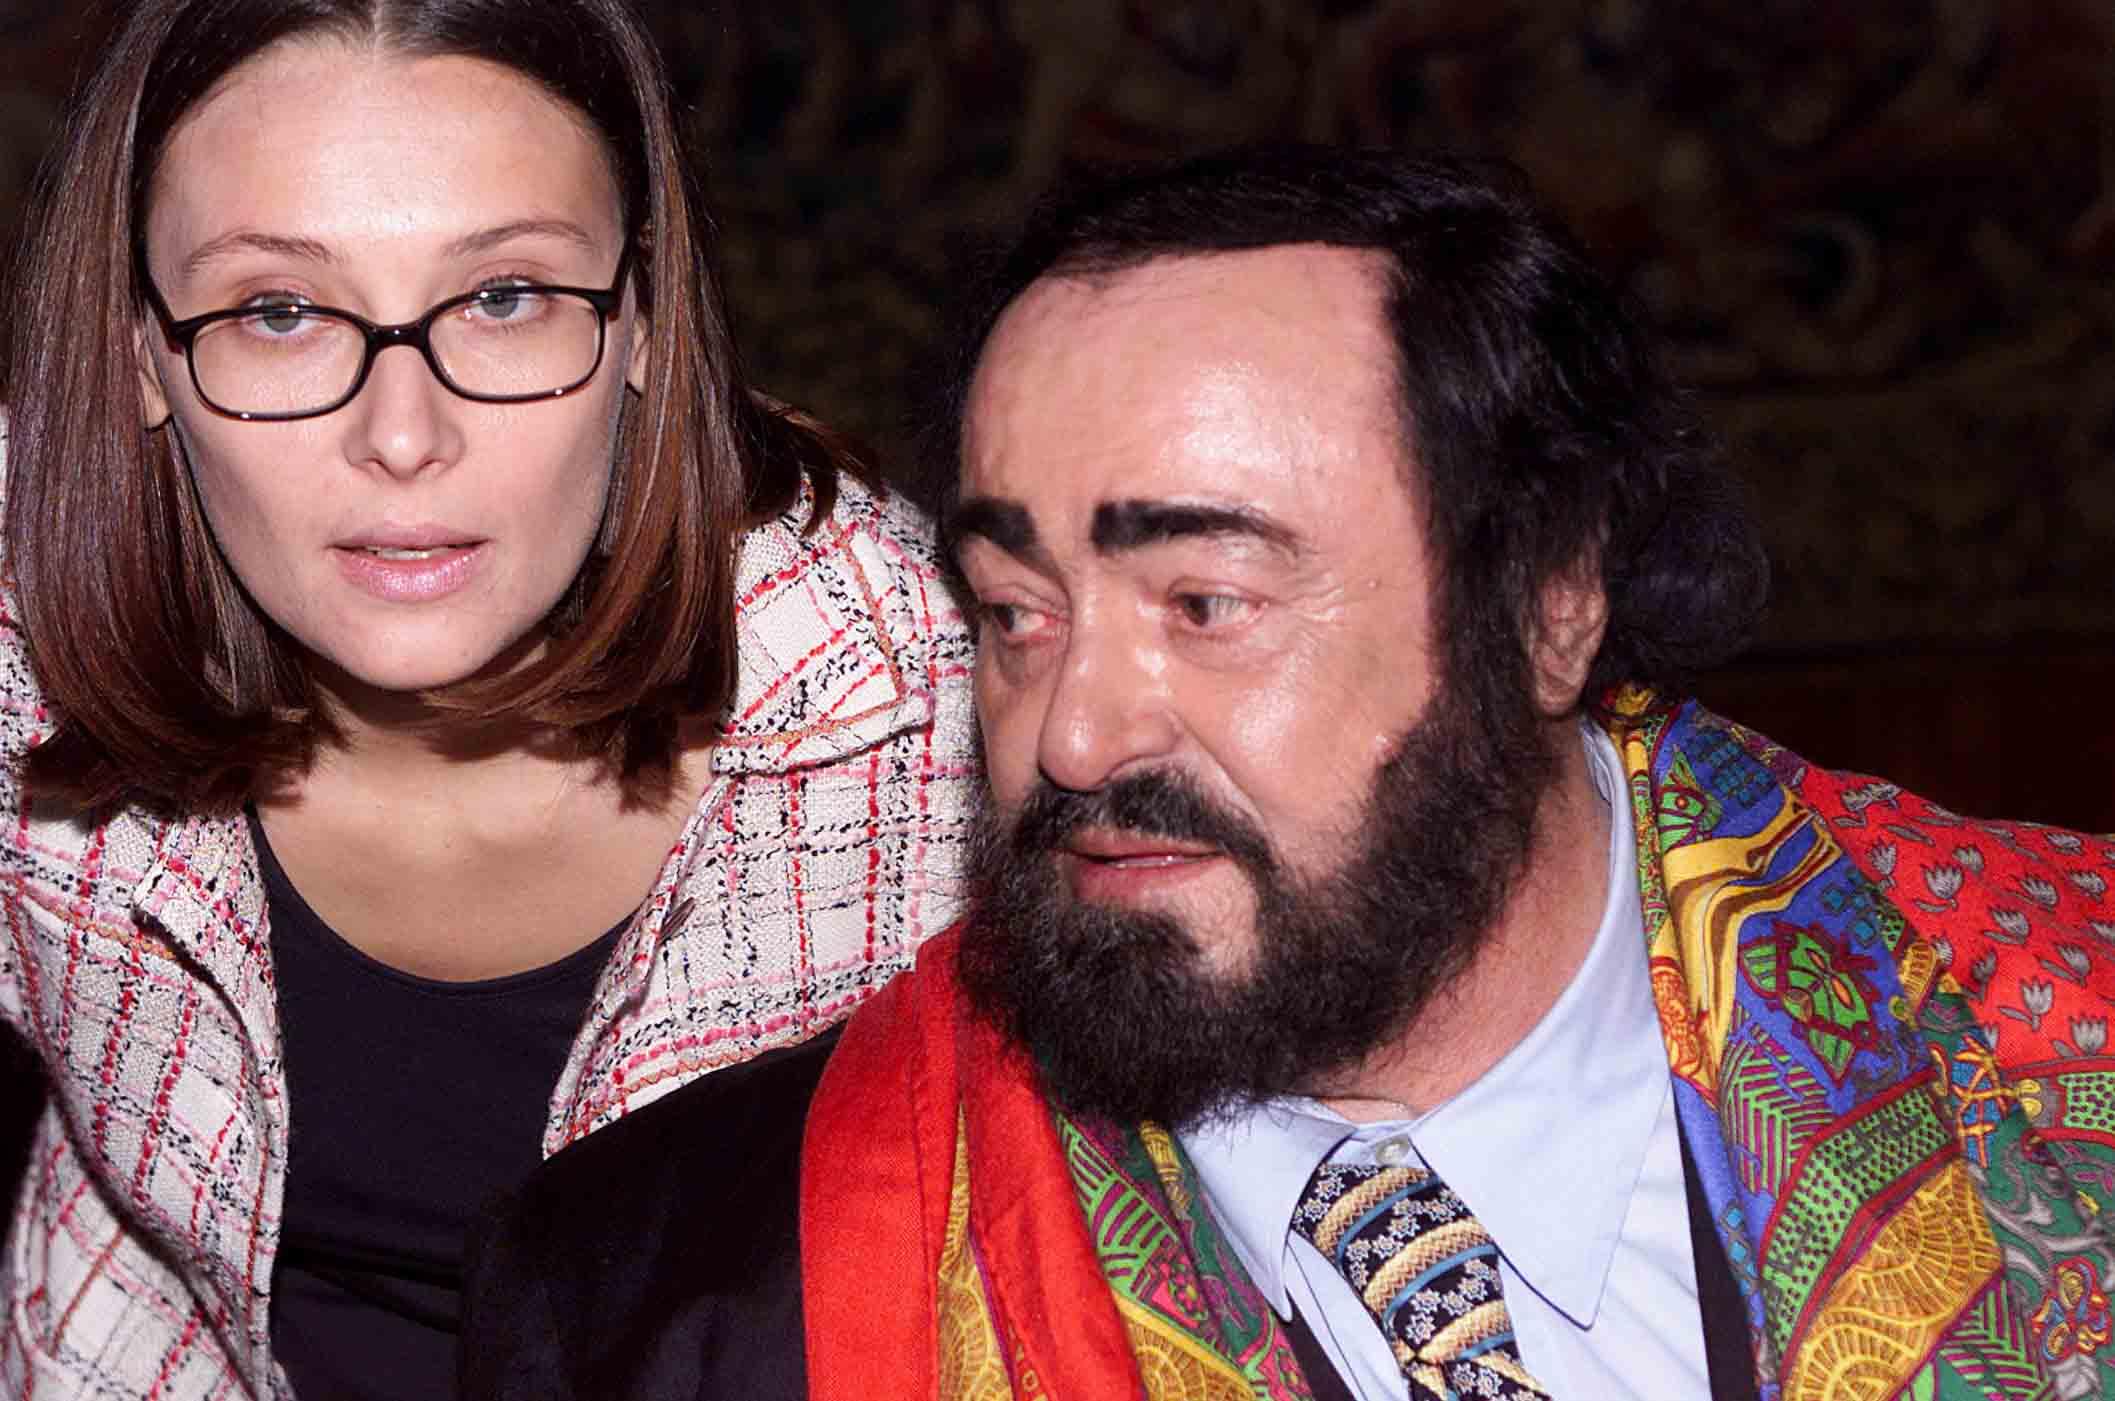 Nicoletta mantovani blocca il libro su pavarotti for Nicoletta mantovani pavarotti